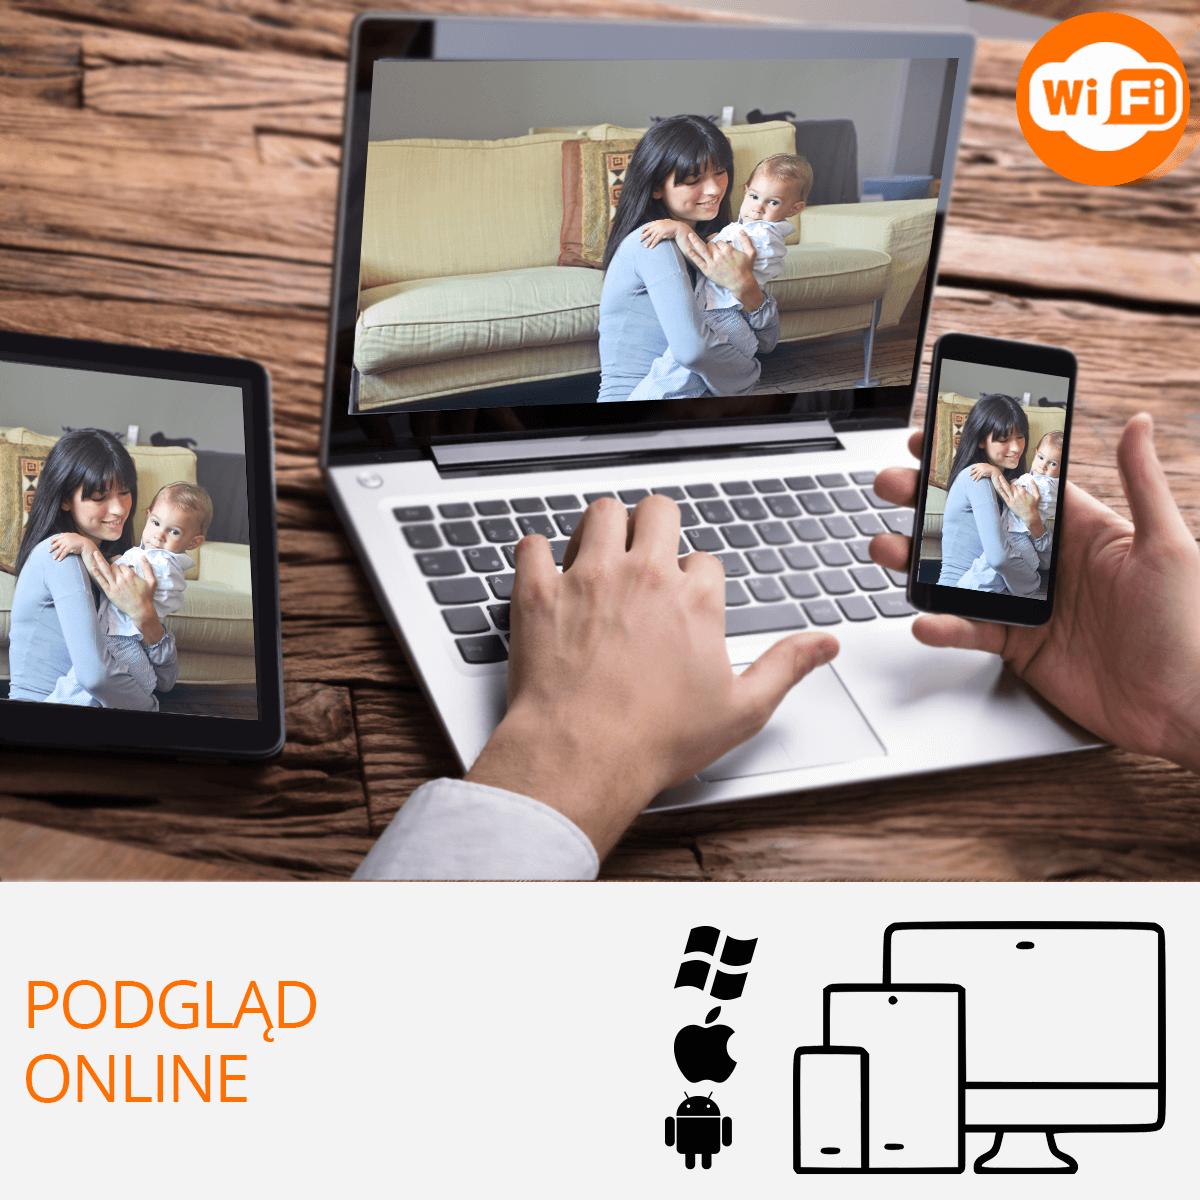 kamera podglad online orllo-pl